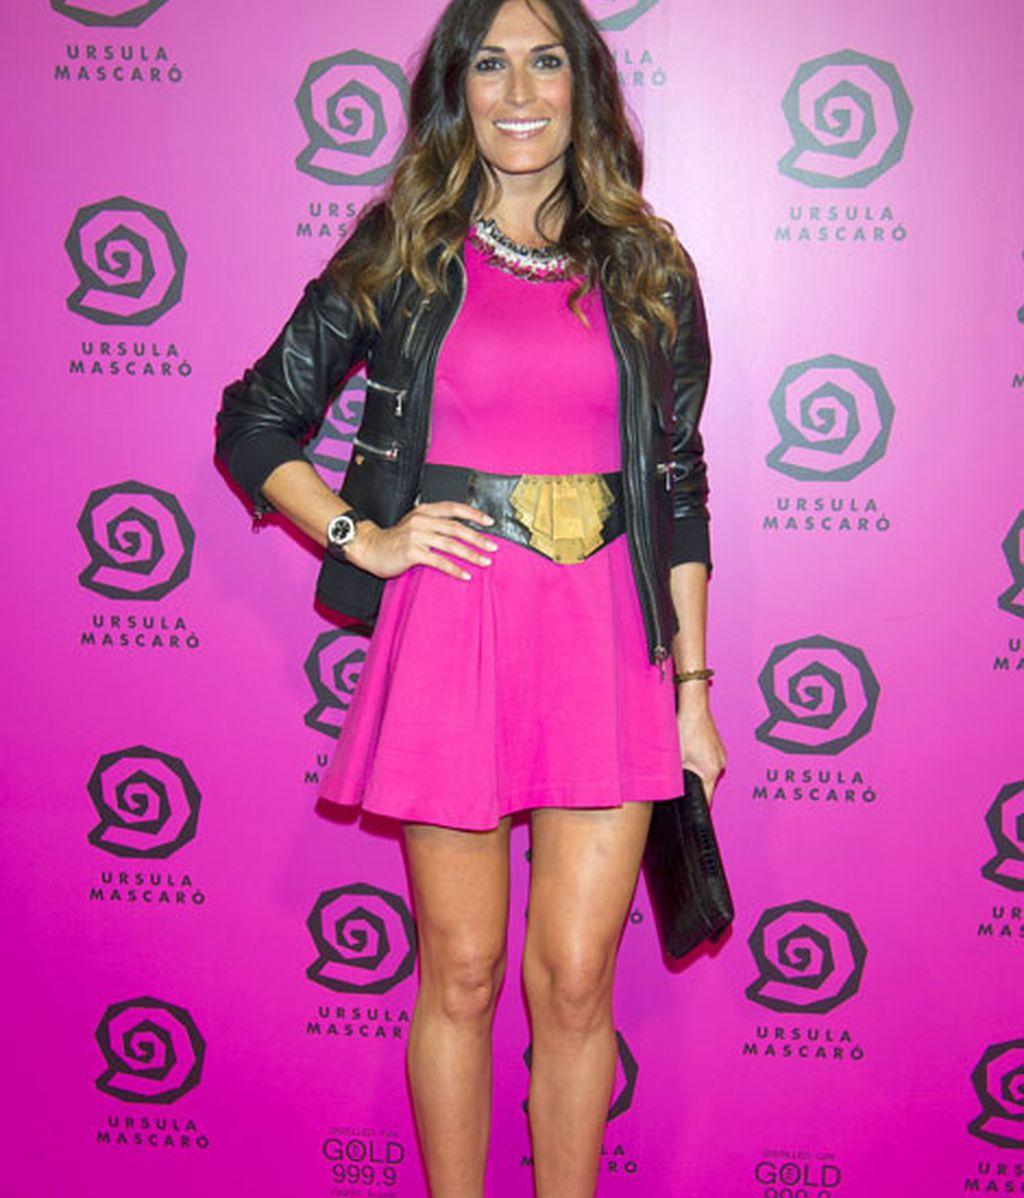 La modelo Verónica Hidalgo, chaqueta de cuero y minivestido rosa